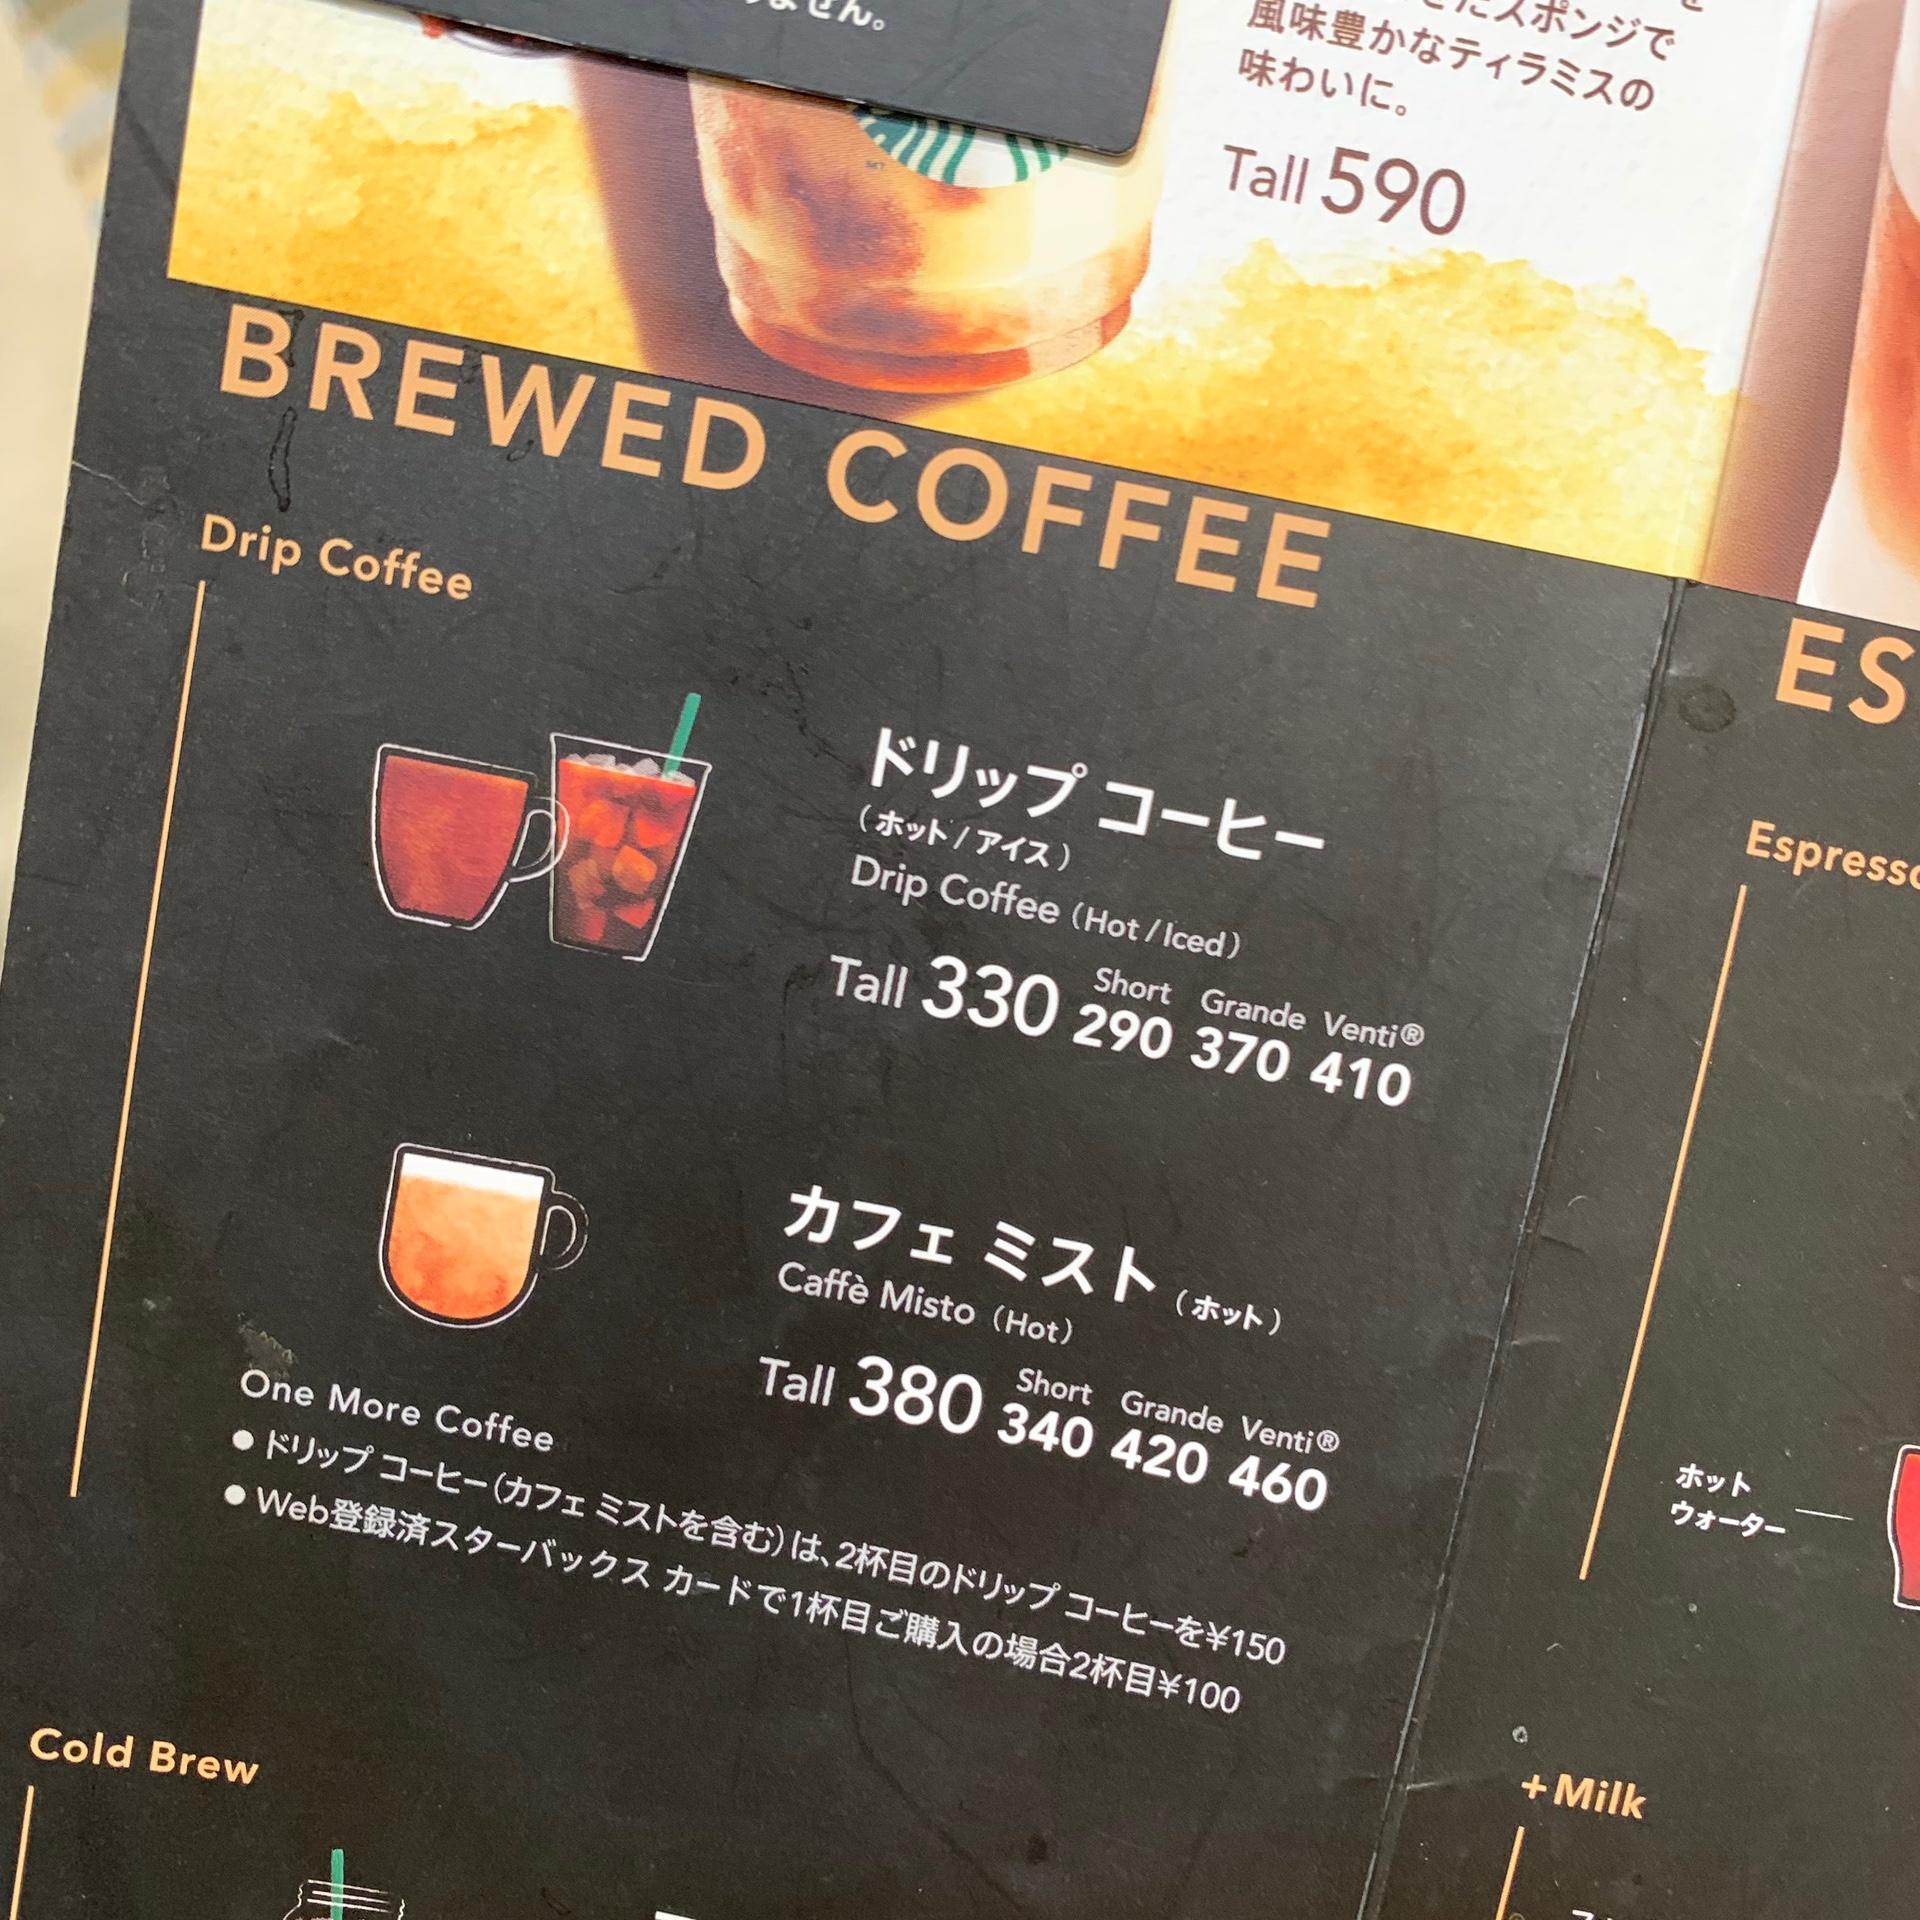 ミスト スタバ カフェ スタバ カフェミストとは<150円で飲む方法・スターバックスラテとの違い等>